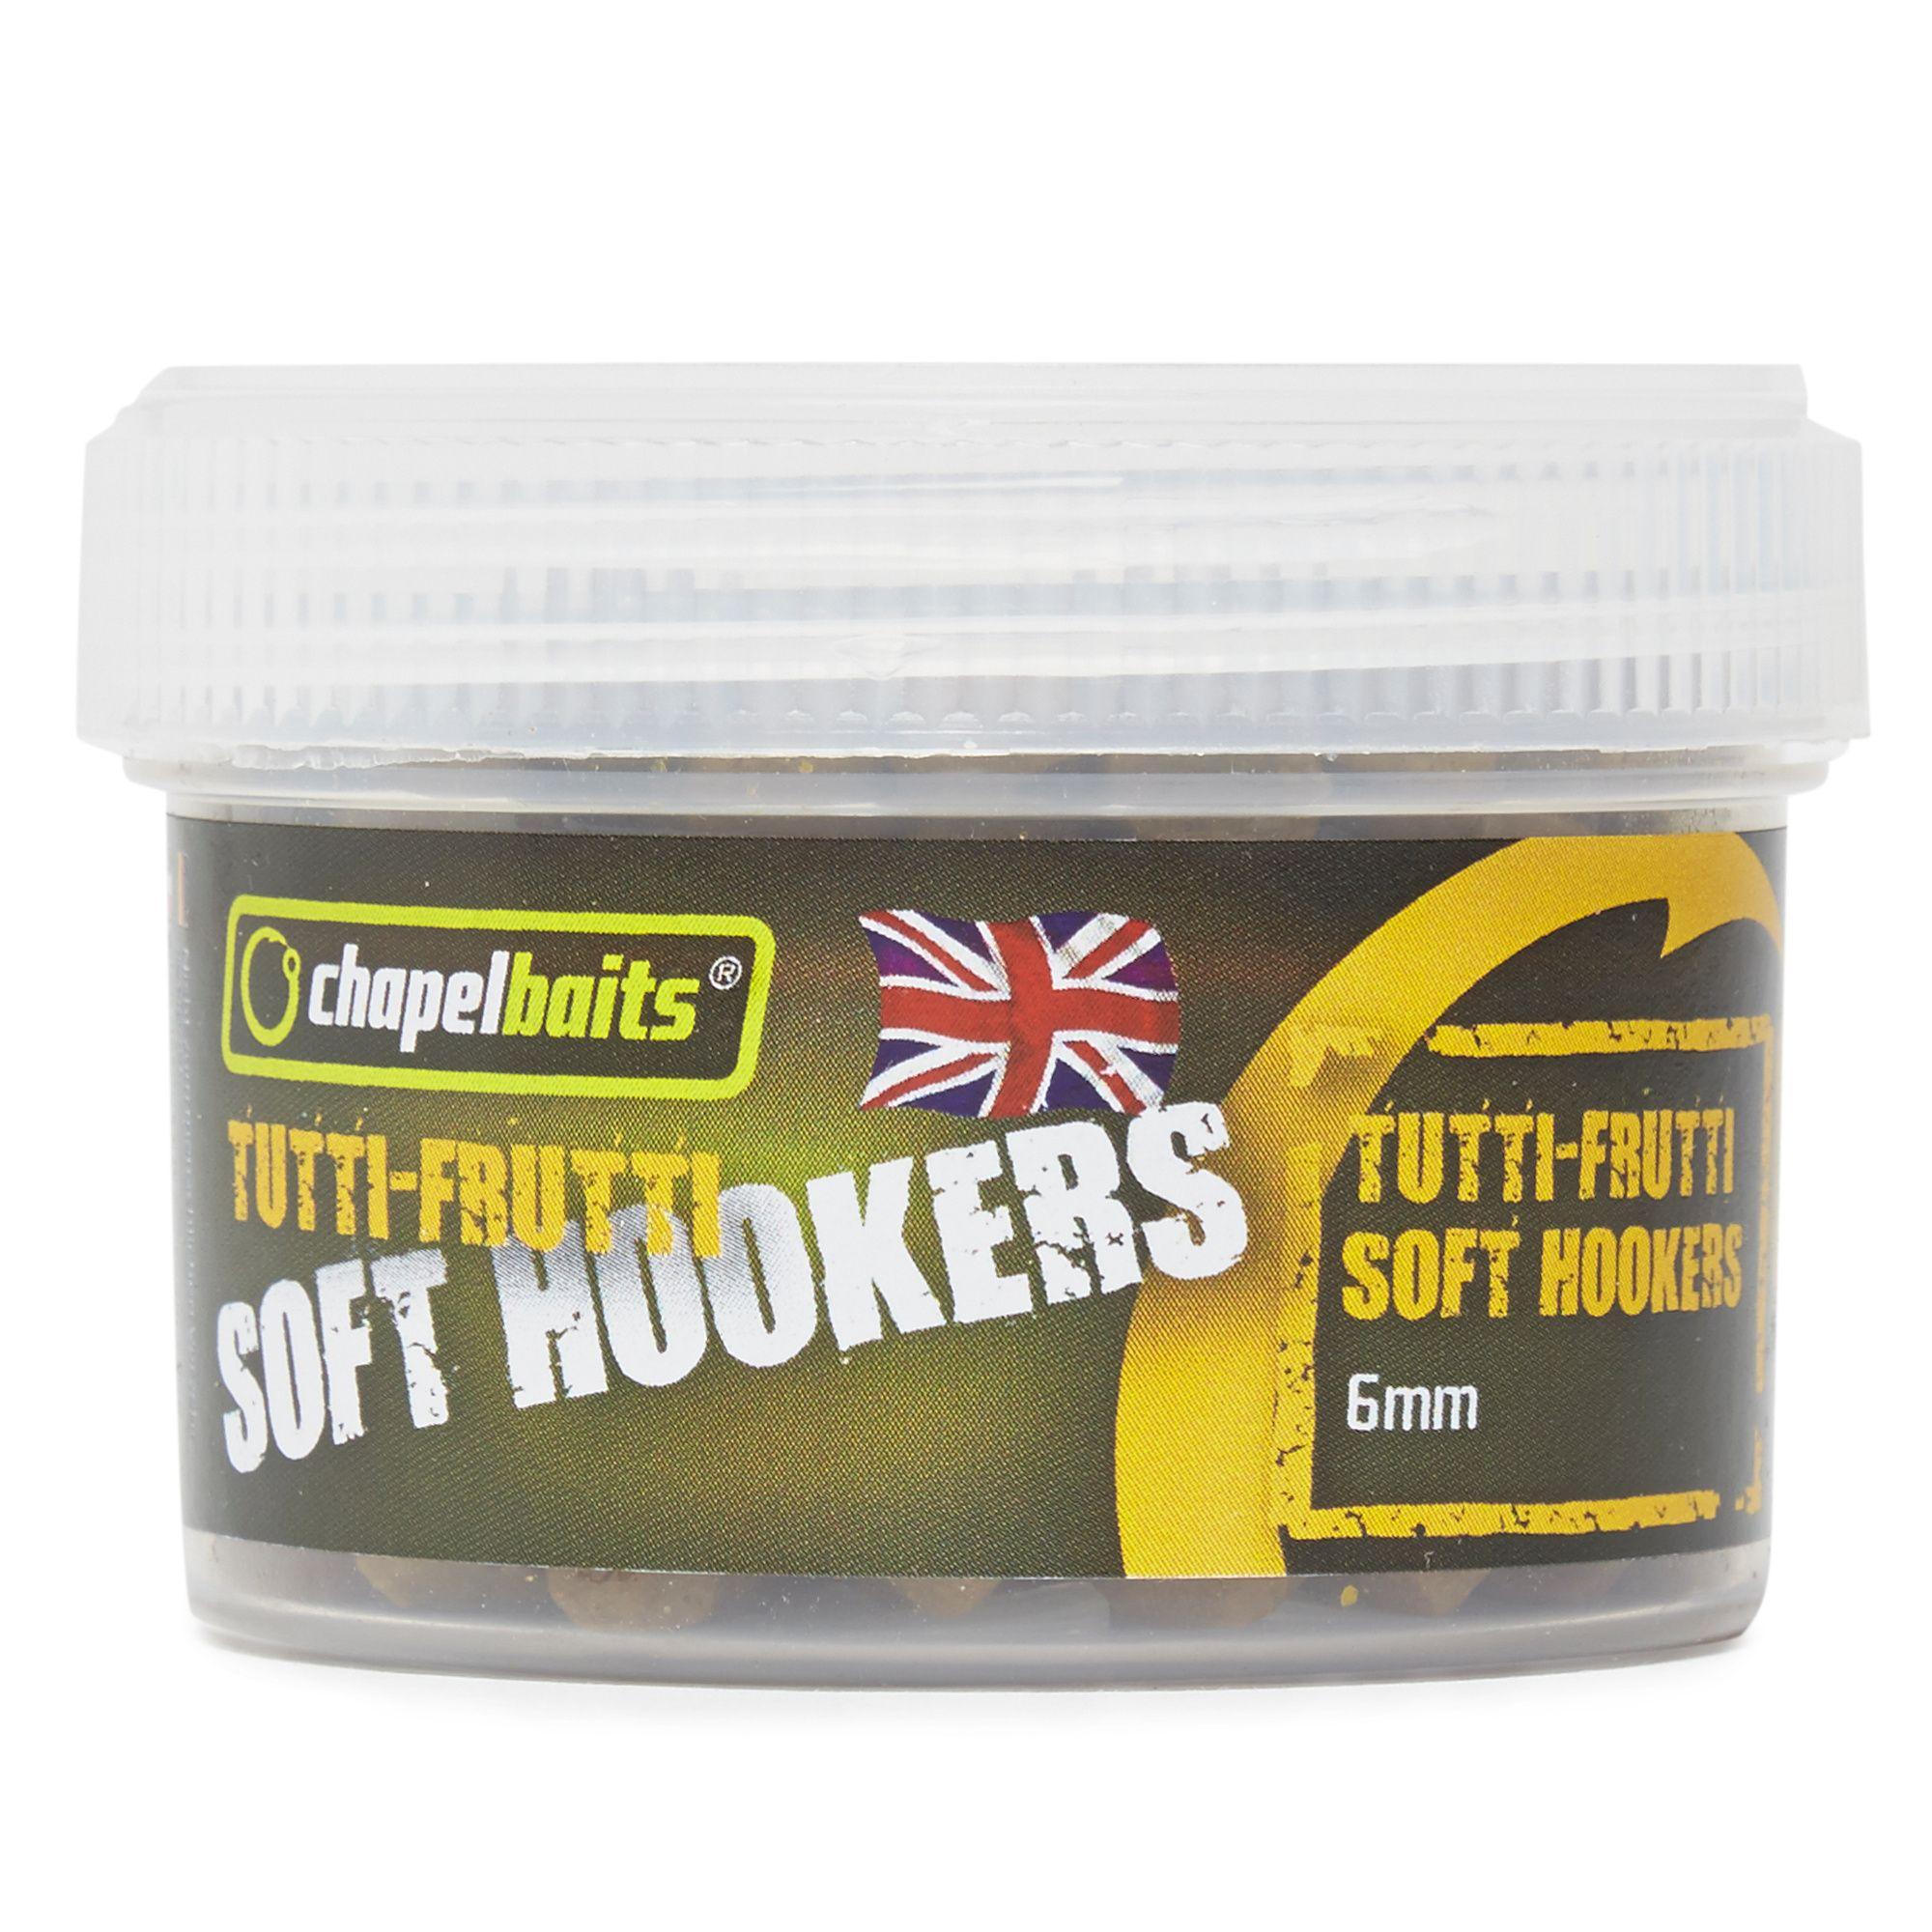 CHAPEL BAITS 6mm Soft Hooker Pellets, Tutti Fruitti